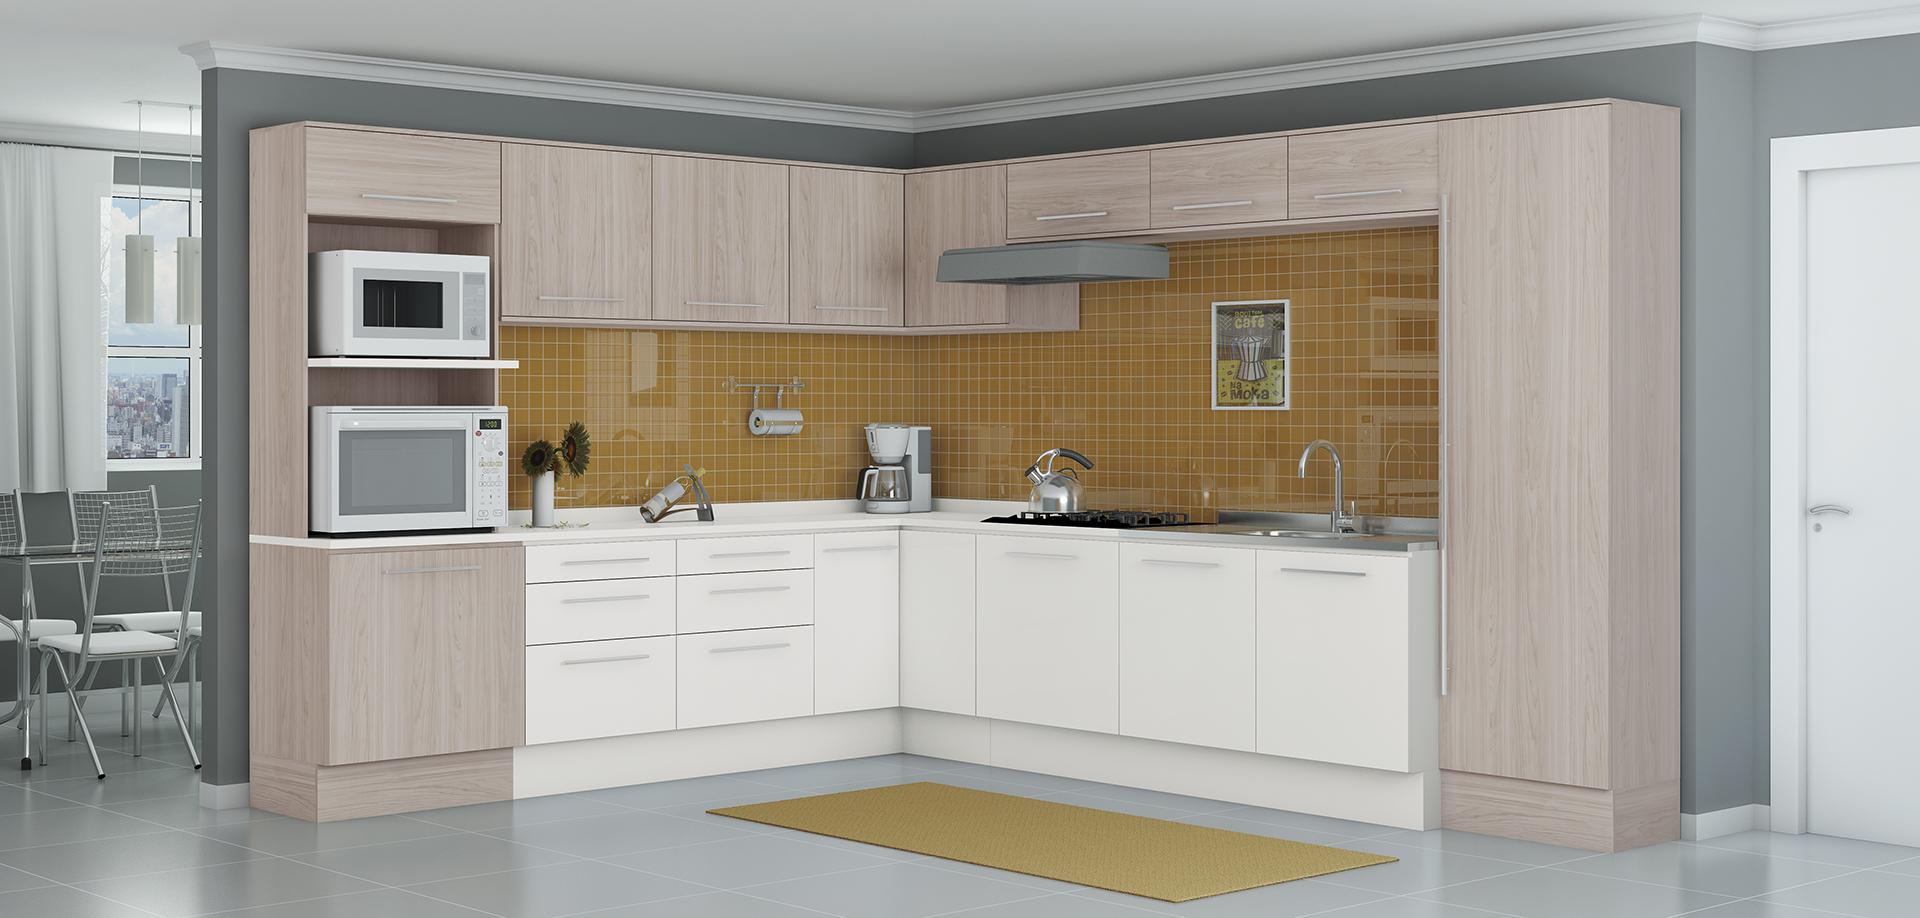 Cozinha Unique Ambiente 01 Kadm Veis